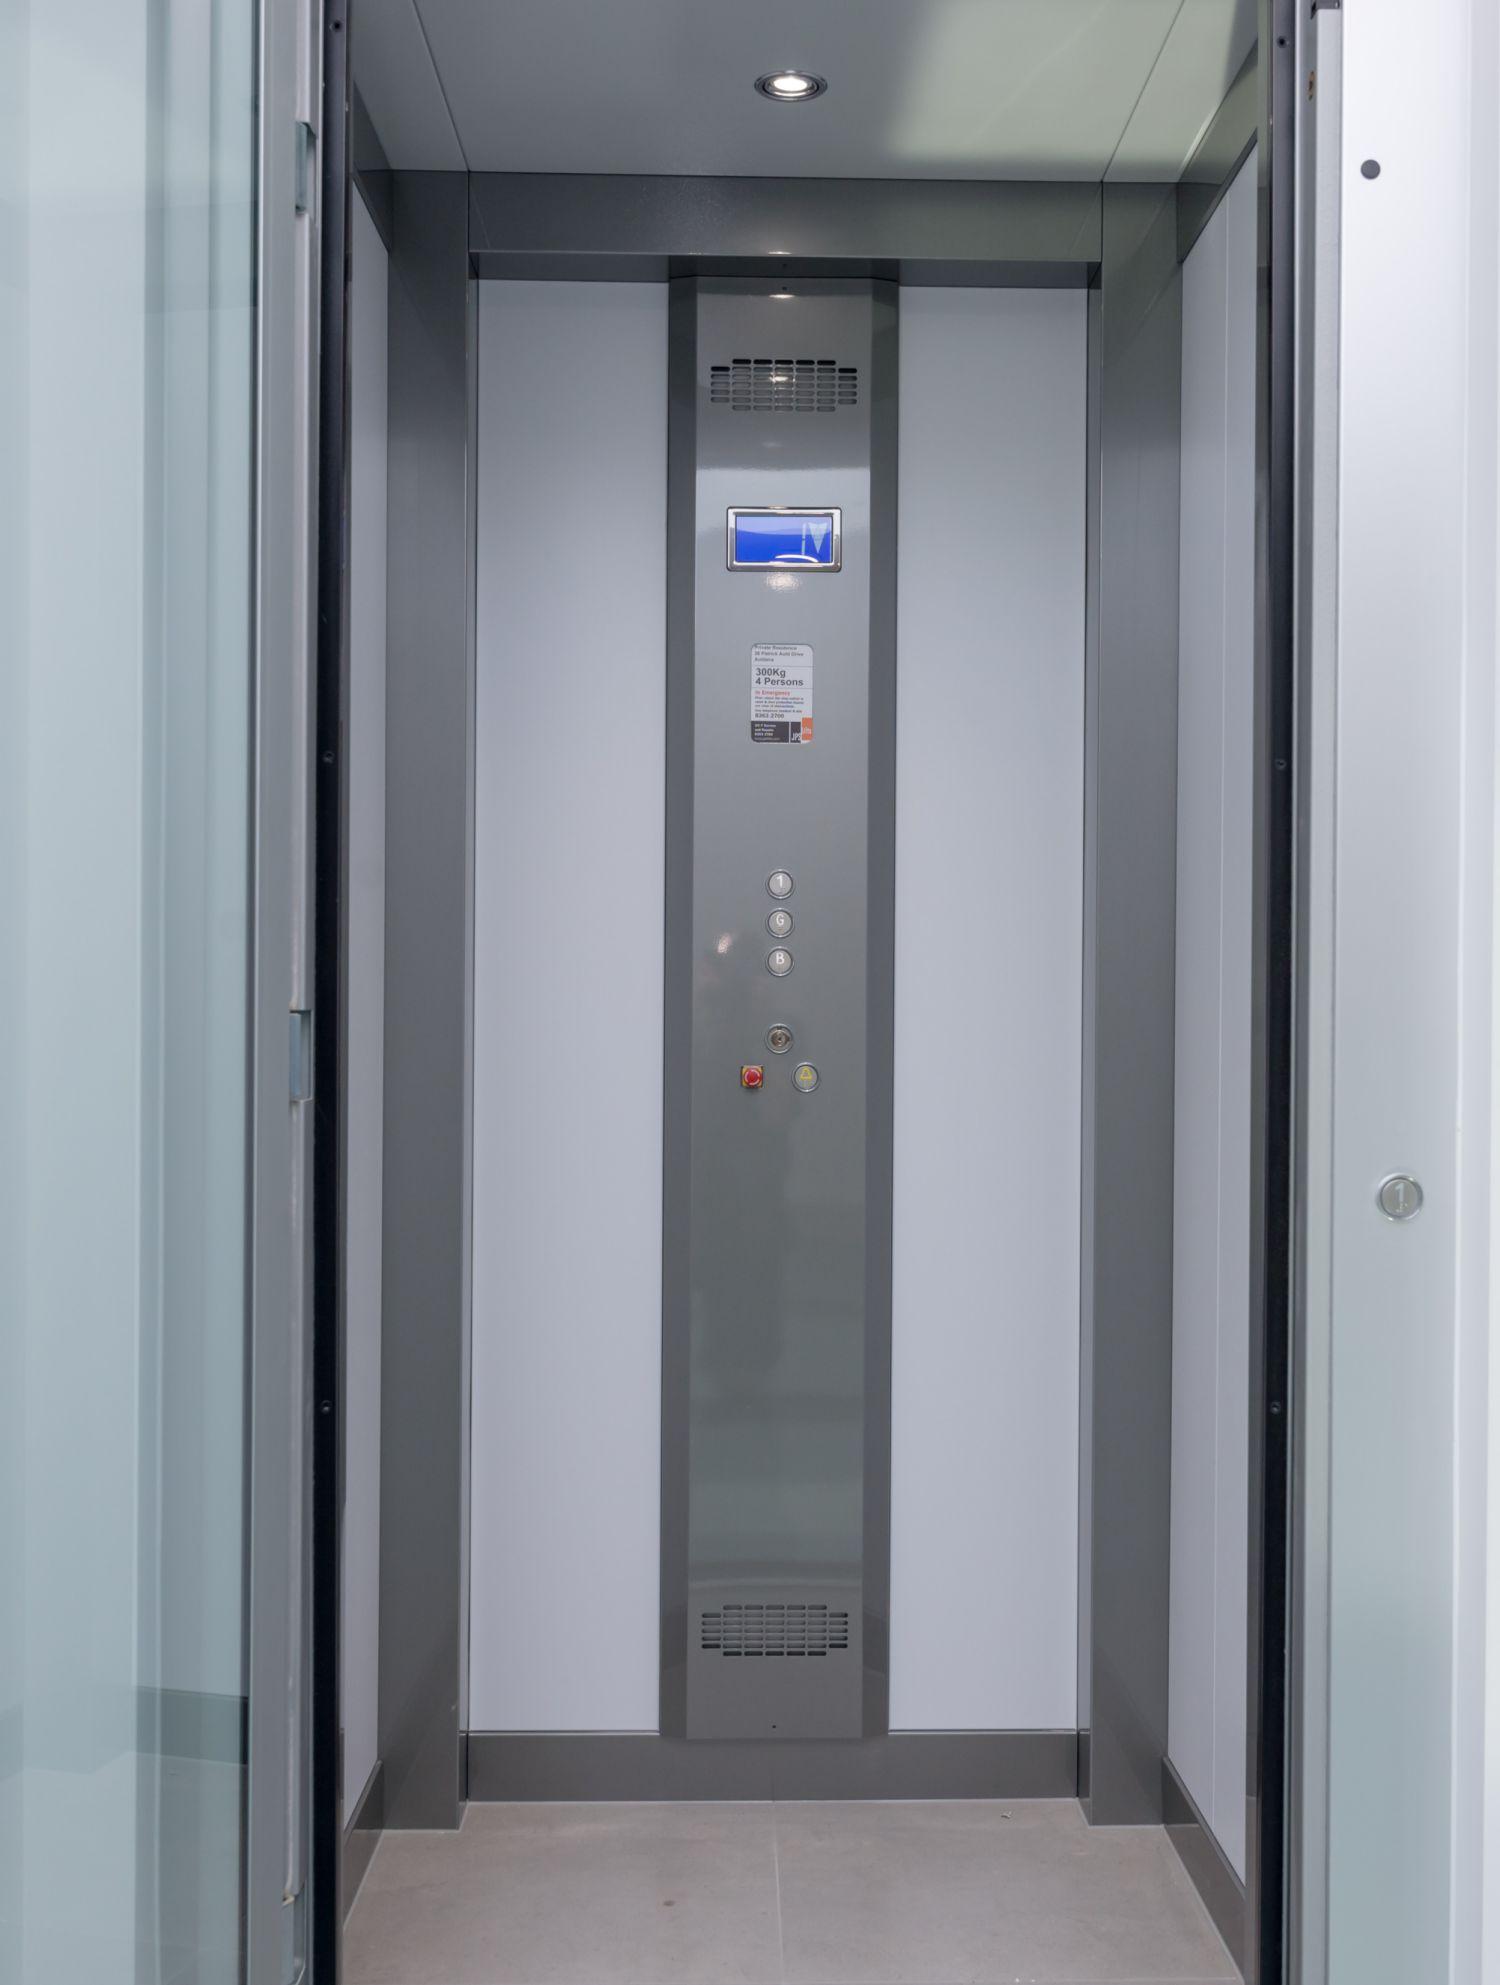 Adelaide Home Lifts Genius 300 Auldana Home Lift Door Open